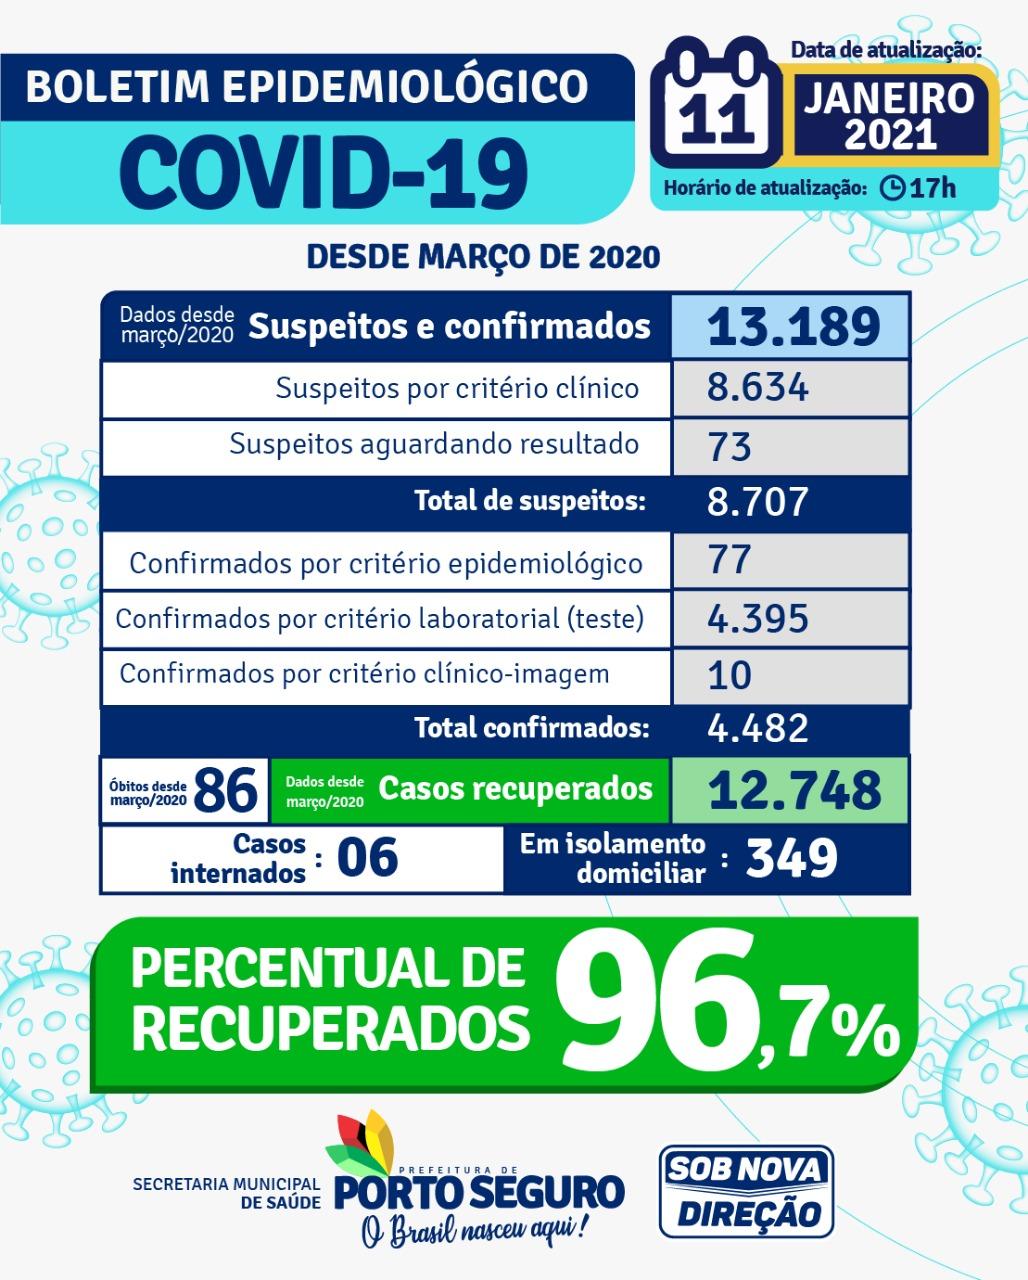 Porto Seguro: Secretaria de Saúde divulga Boletim Epidemiológico com dados atualizados período de 14/03/2020 a 11/01/2021 22